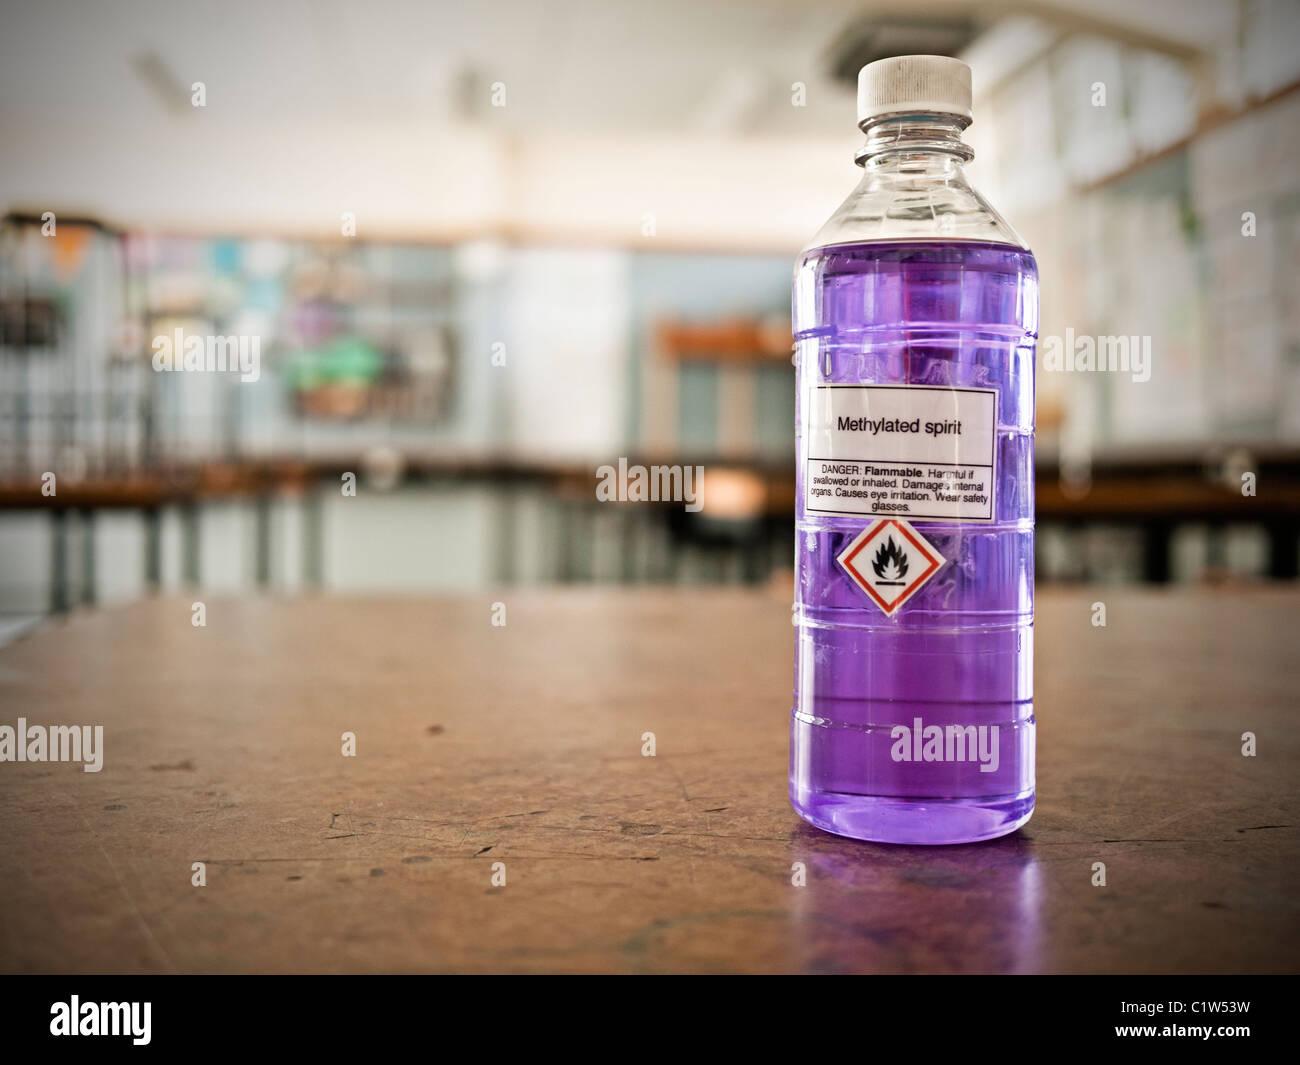 Botella de alcohol metílico en la escuela laboratorio de ciencia. Imagen De Stock